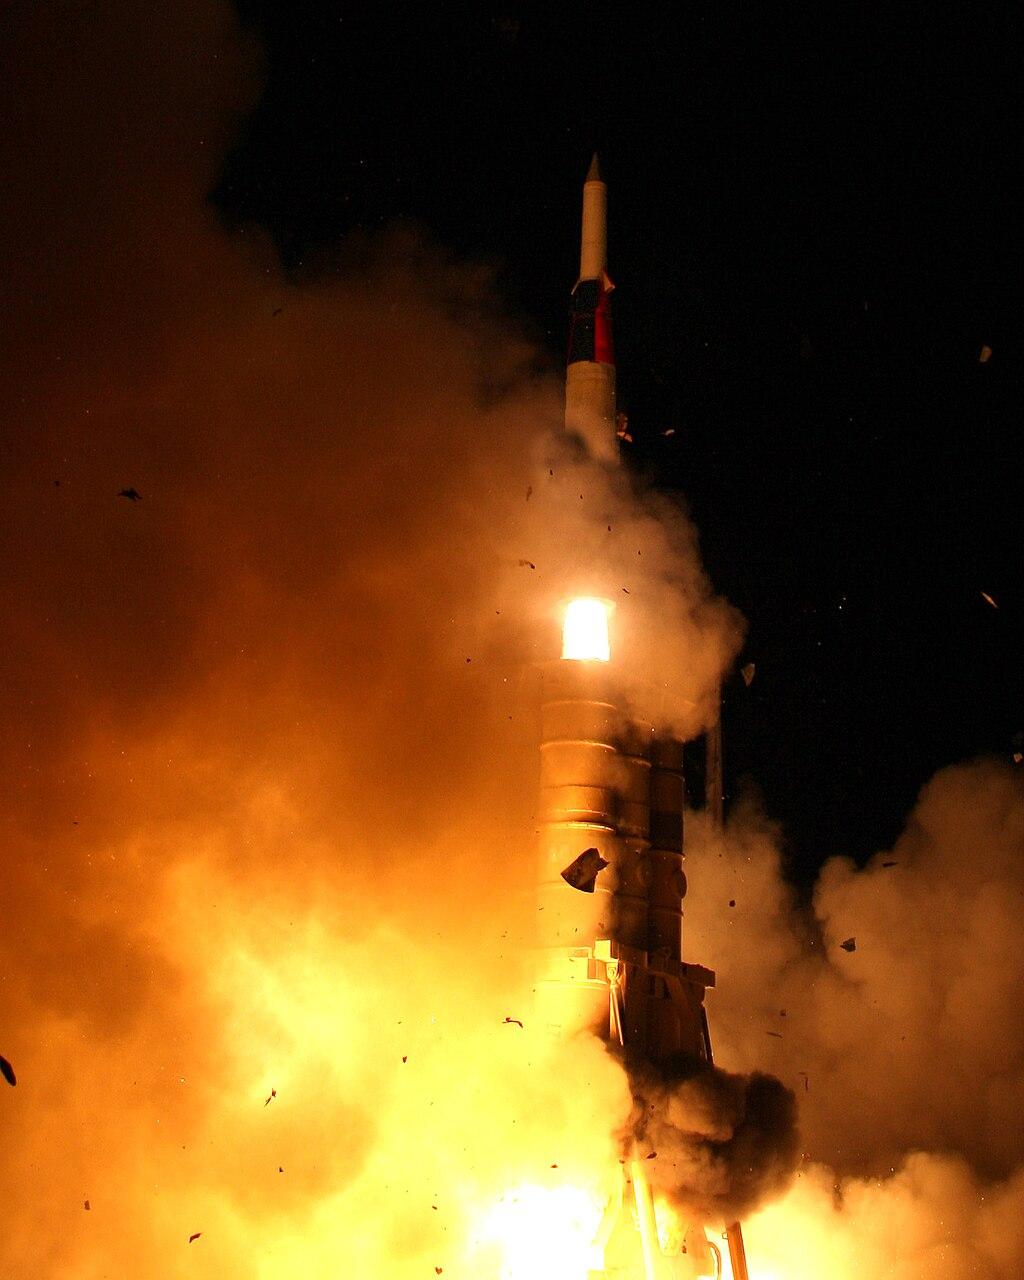 Arrow 2 launch in February 2011.